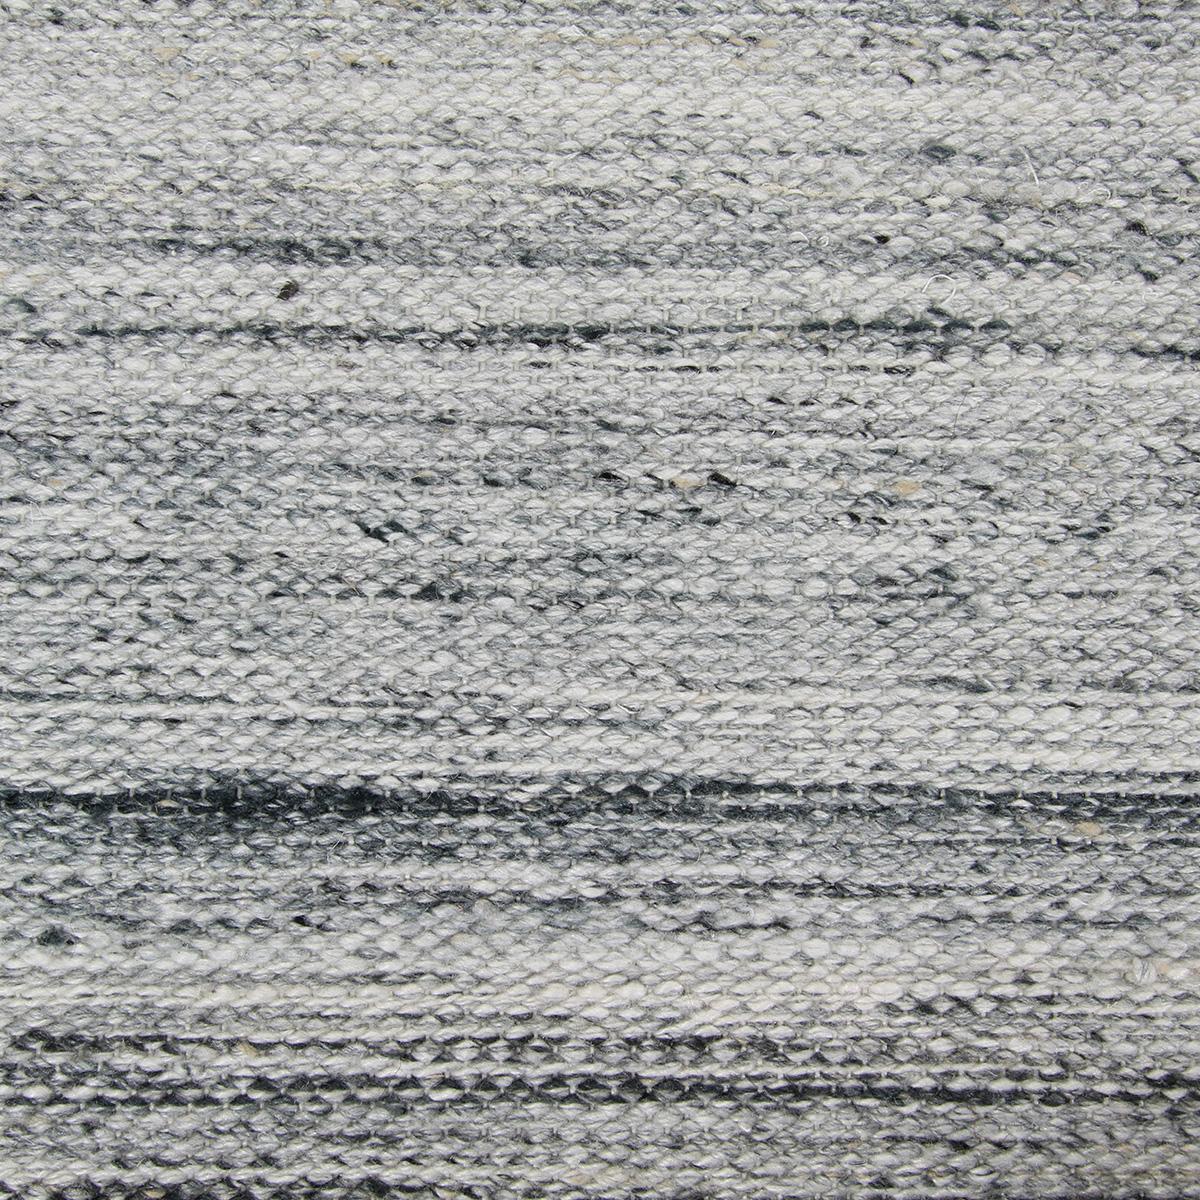 Vloerkleed Brinker Outside Grey | 160 x 230 cm